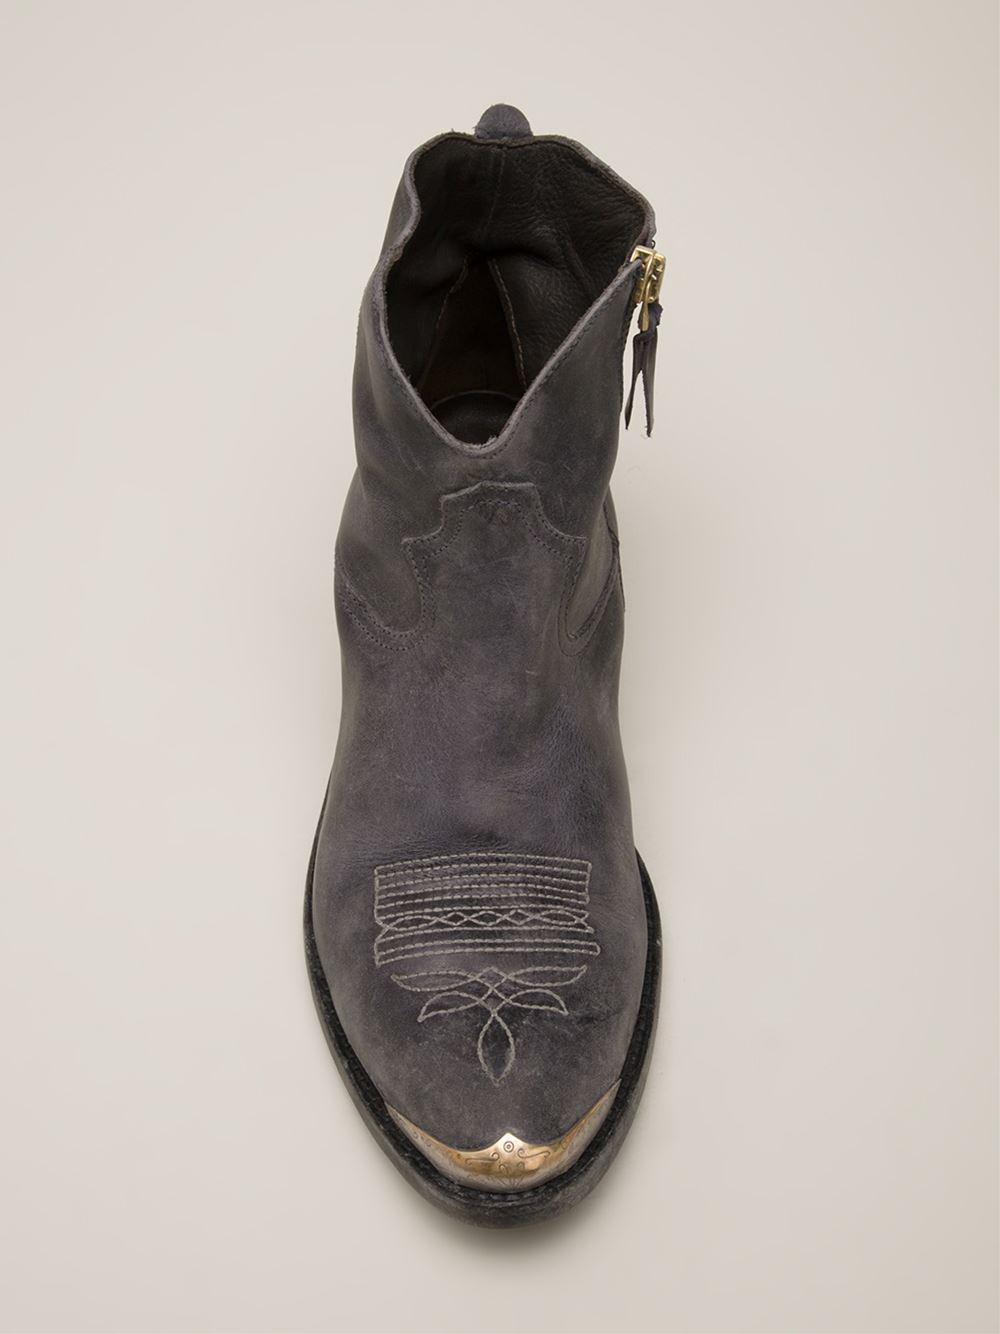 c1f600de86bb22 Golden Golden Golden Boots Blue Lyst Goose Goose Goose  Young  in Deluxe  Brand xqvqBw